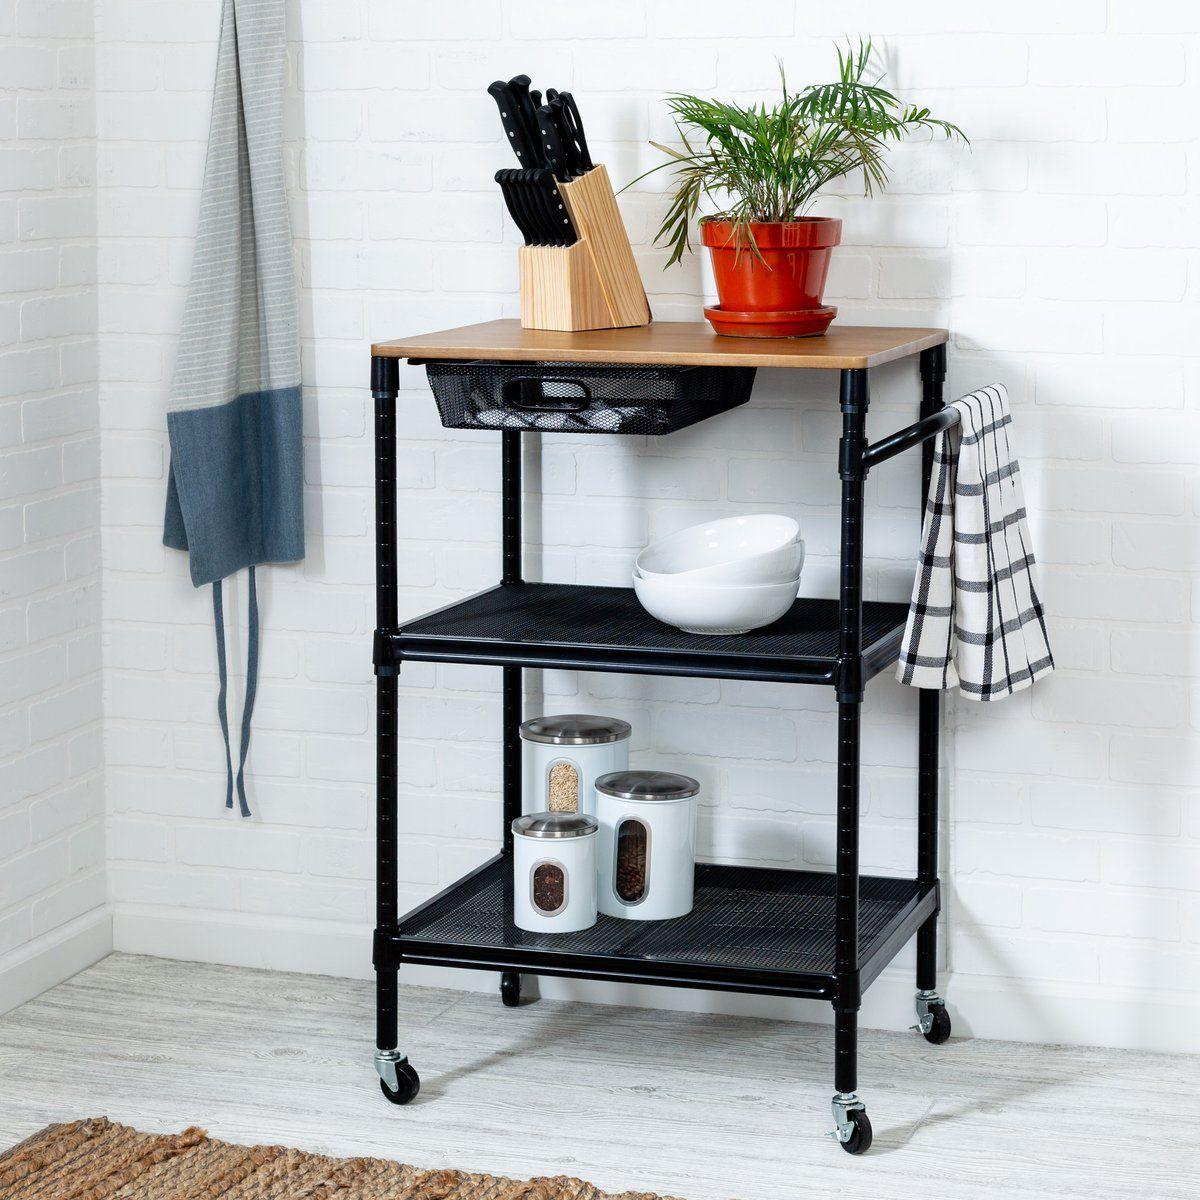 36 Inch Kitchen Storage Cart With Wheels Drawers And Handle Black In 2020 Kitchen Storage Cart Kitchen Cart Kitchen Storage